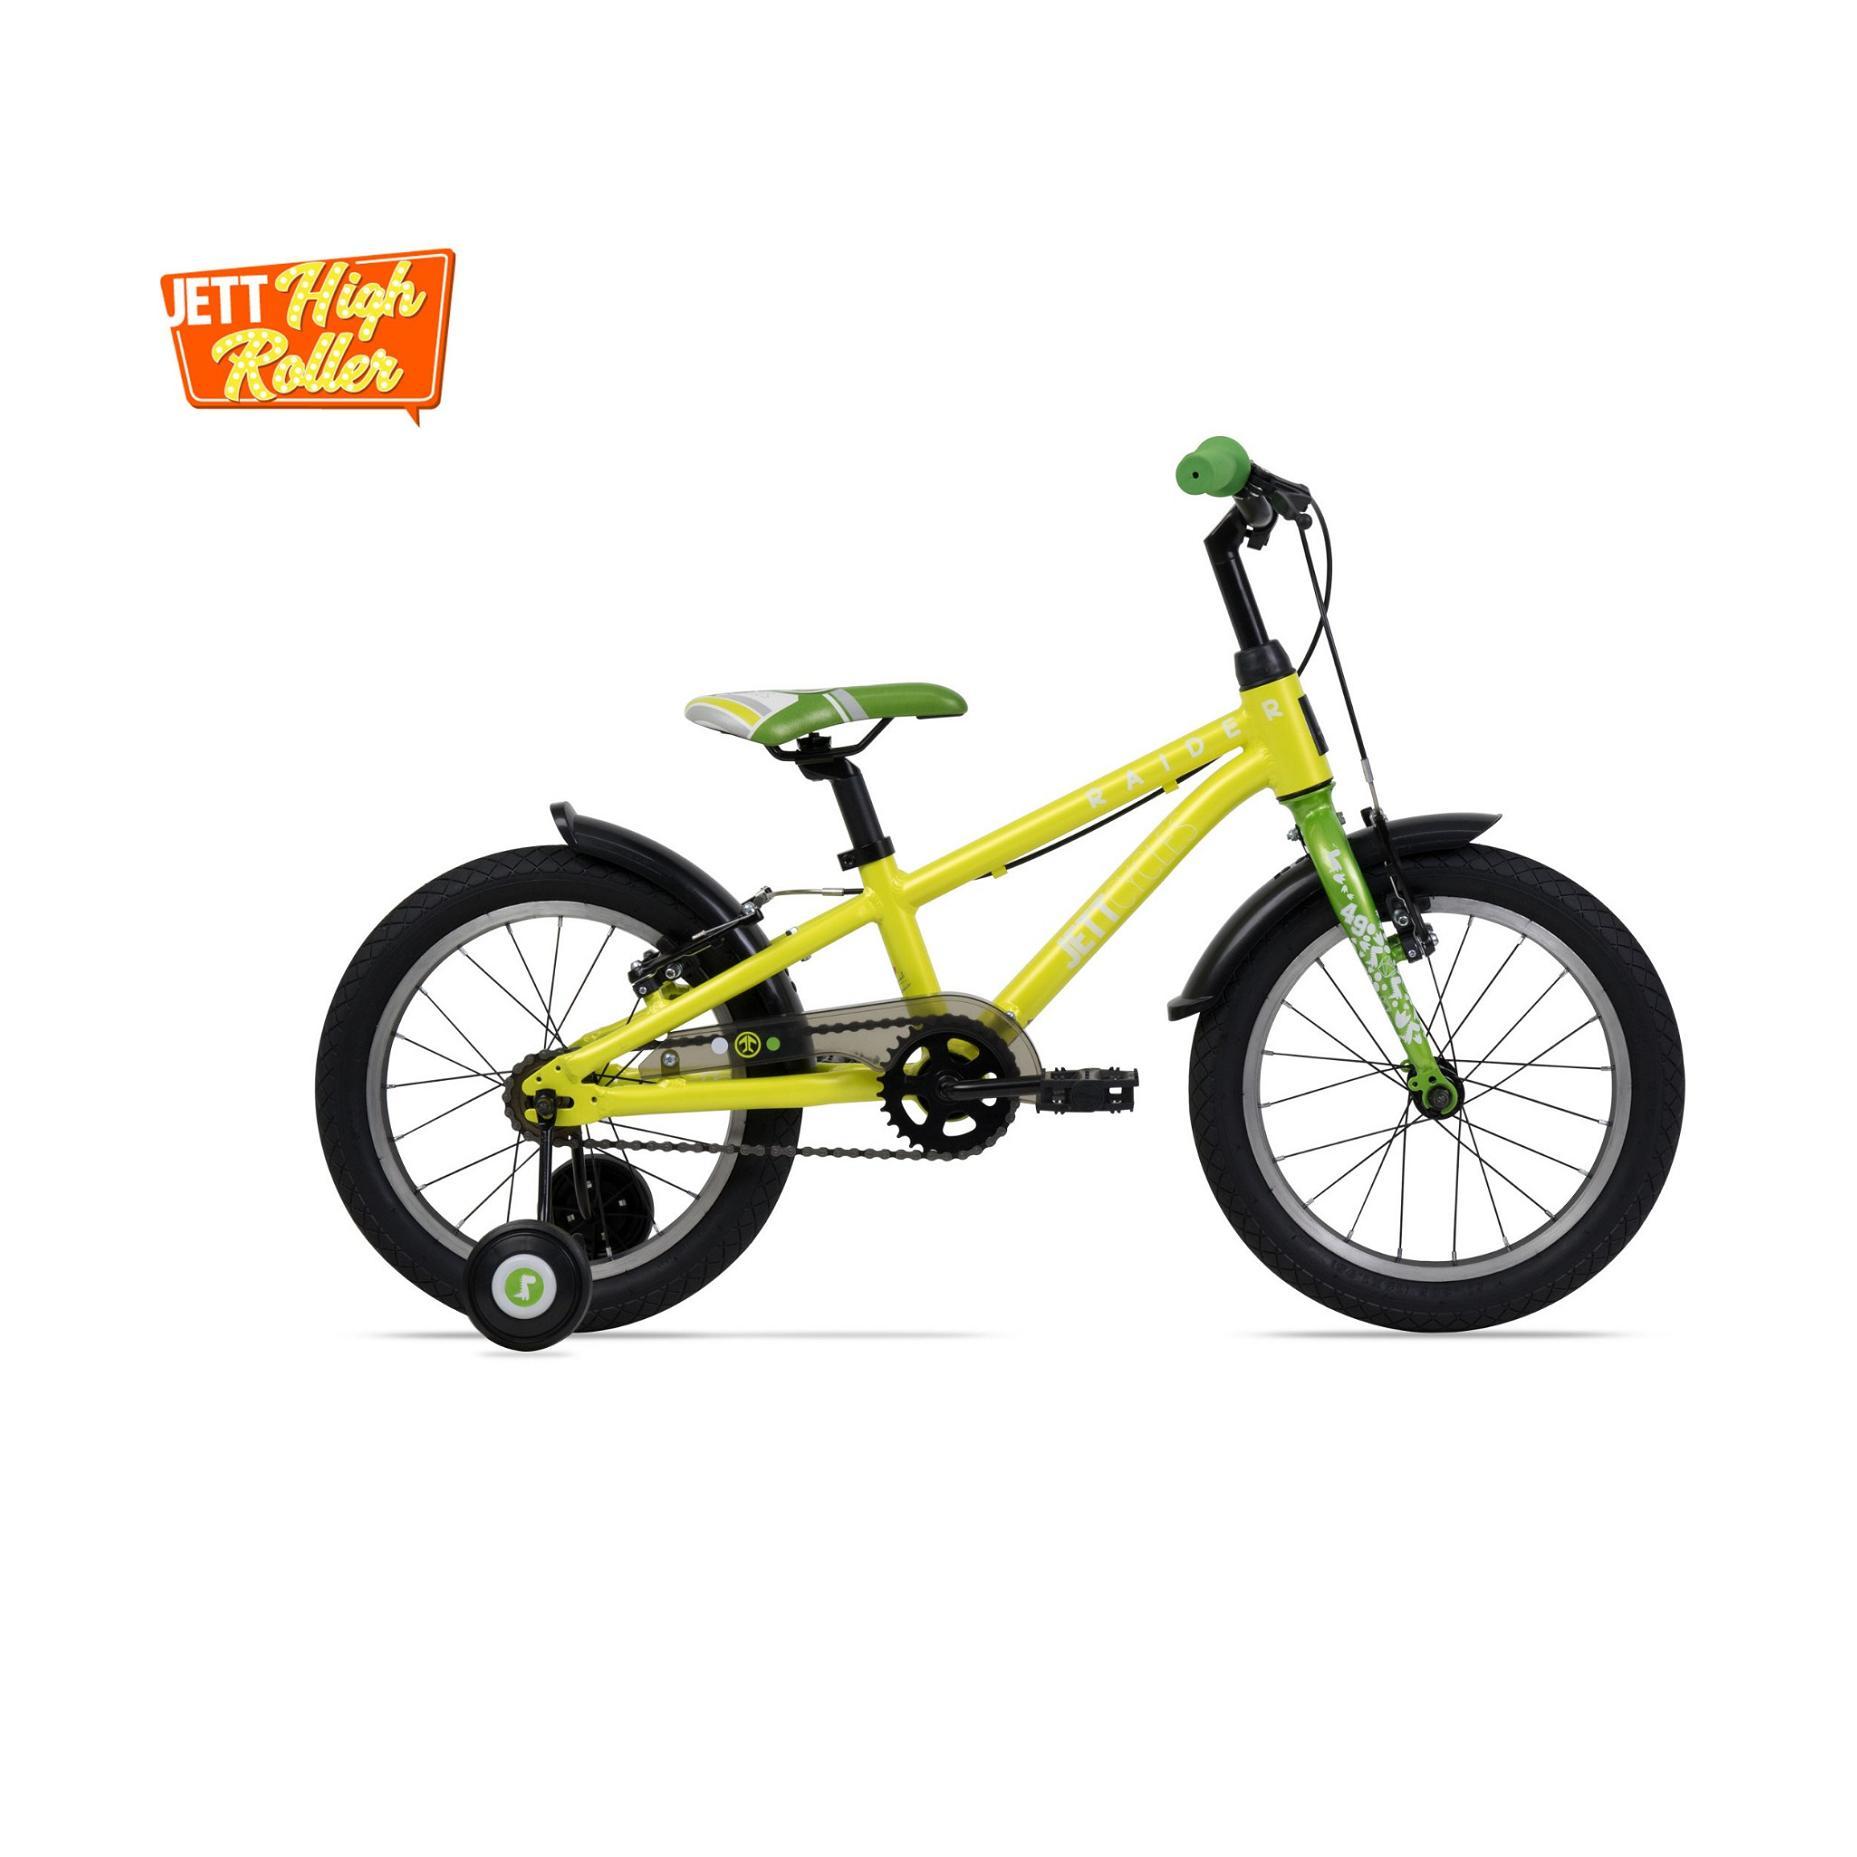 Giá bán Xe đạp trẻ em Jett Cycles Raider (Vàng Neon)